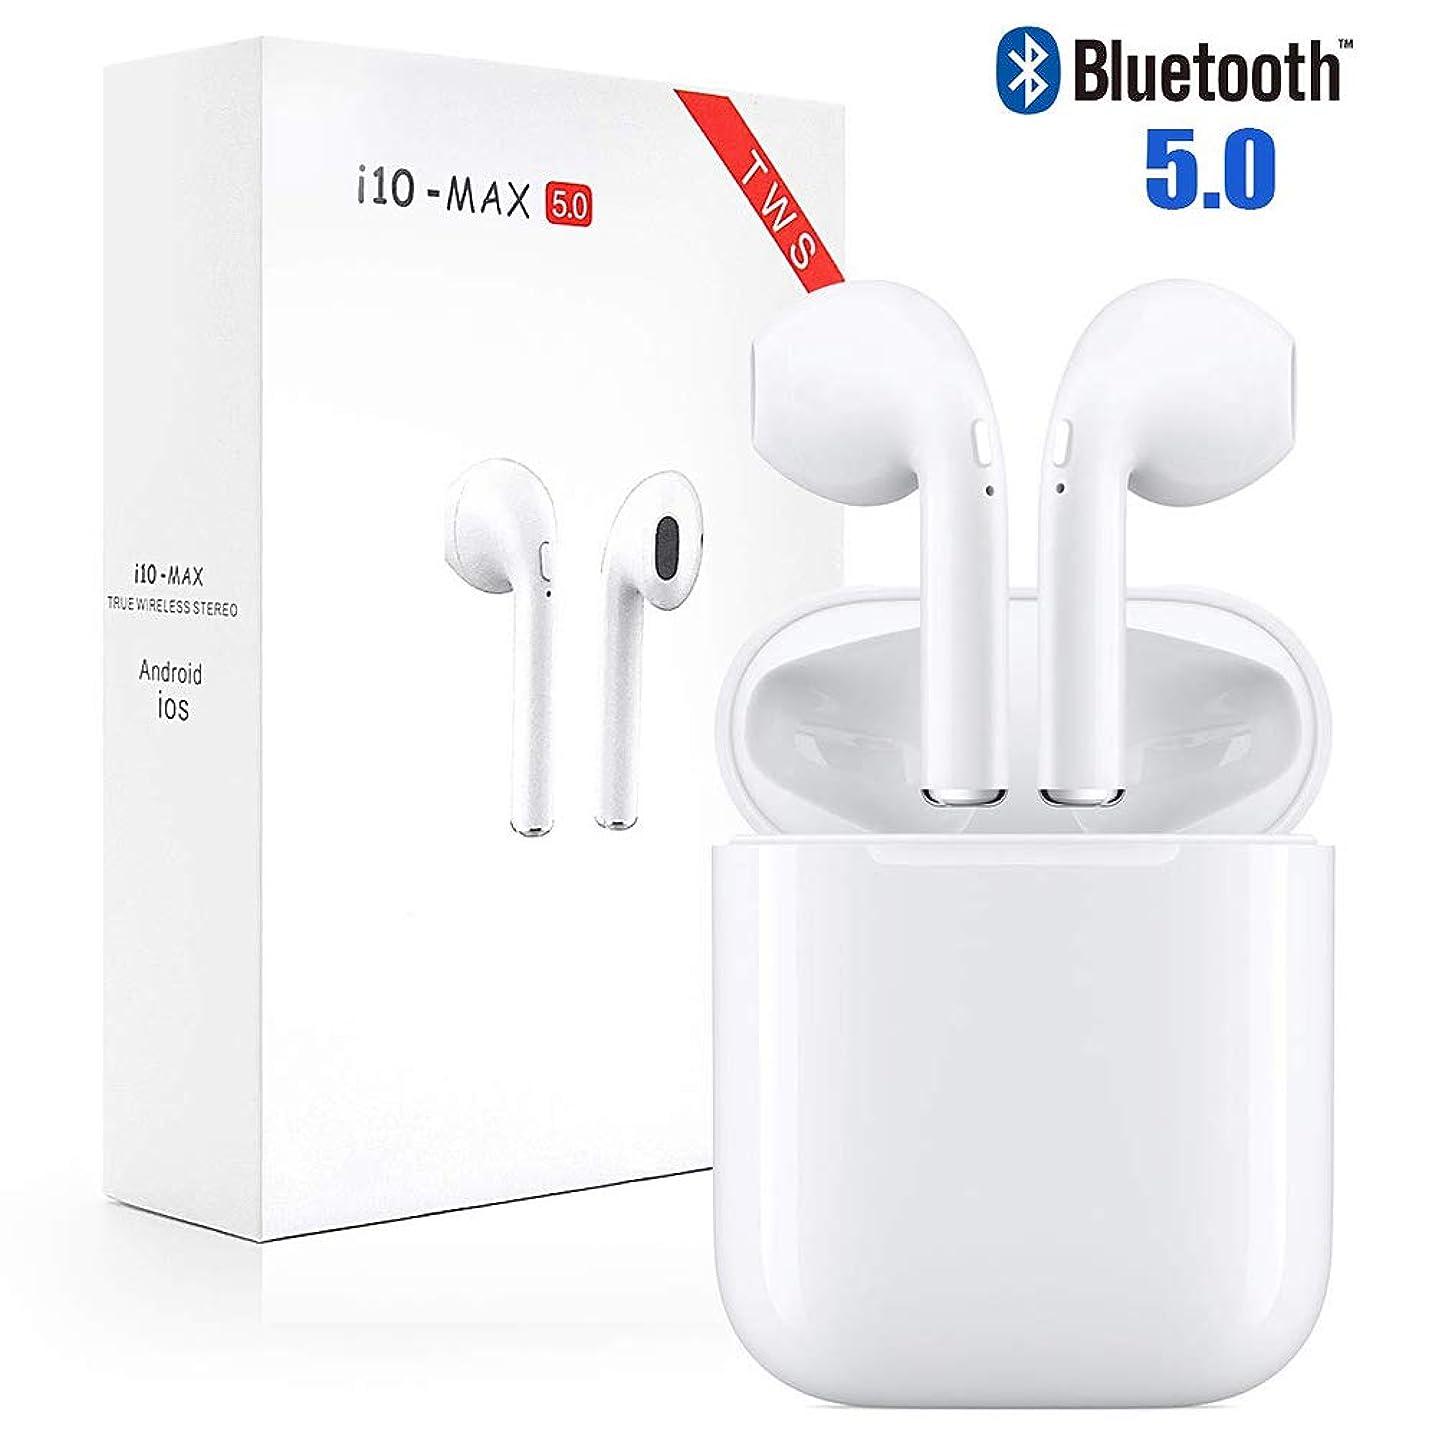 保守可能ブラウザご意見Bluetooth イヤホン i10 Max TWS 両耳 高音質 Bluetooth5.0耳掛け式 自動ペアリング IPX5防水 ブルートゥース イヤホン マイク付き 軽量 Siri対応 通話 CVC6.0ノイズキャンセリング 左右分離型 内蔵充電ボックス付き iPhone&Android対応